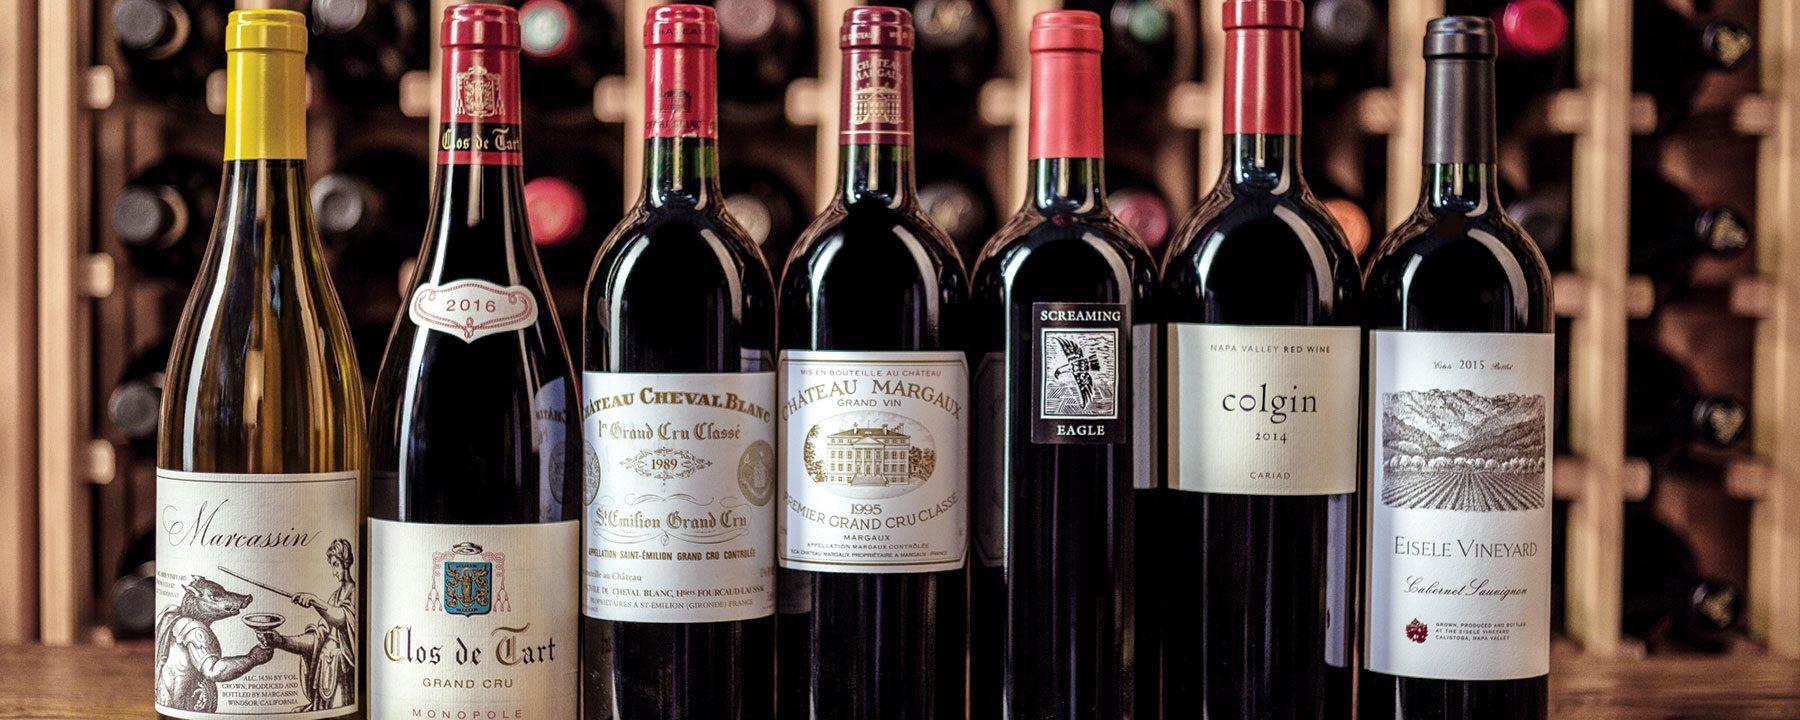 Porthos Wines